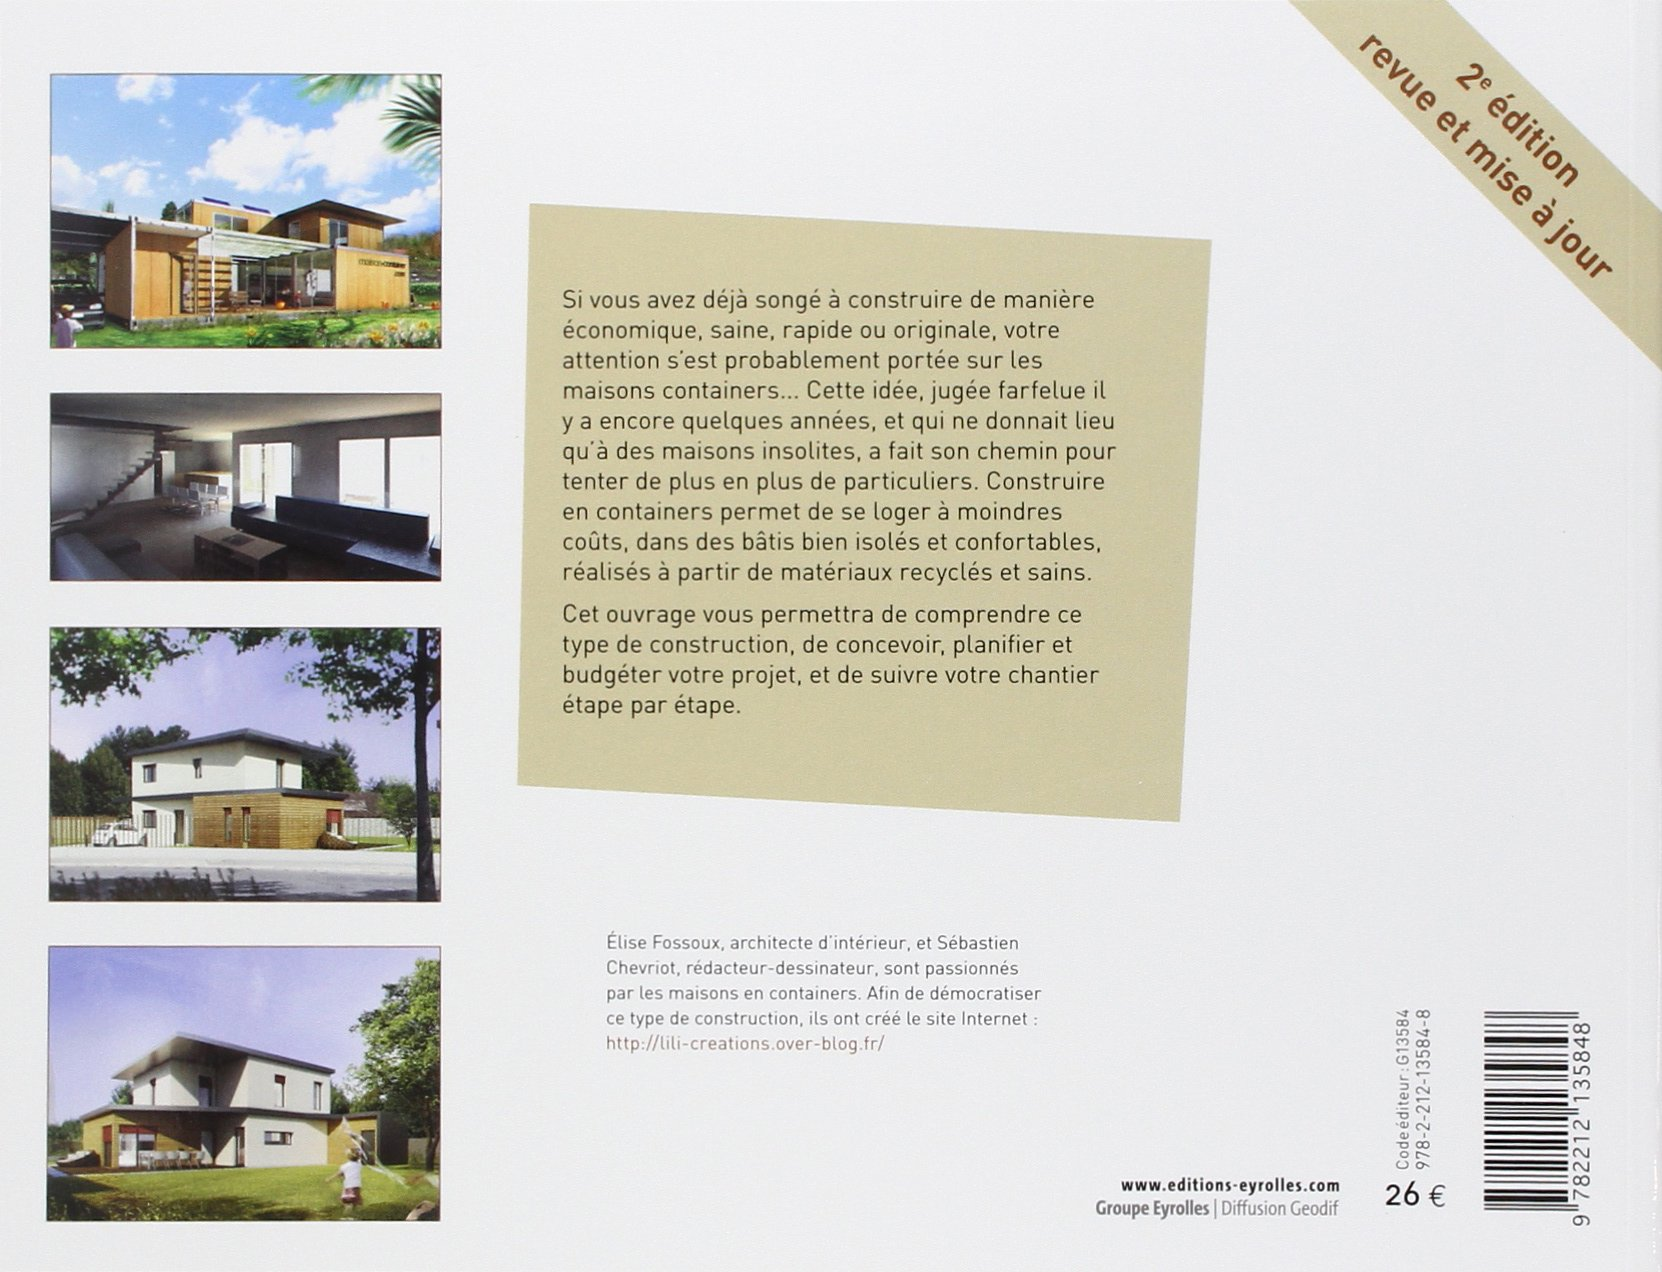 Site pour crer sa maison maon pour construire sa maison for Application pour construire une maison